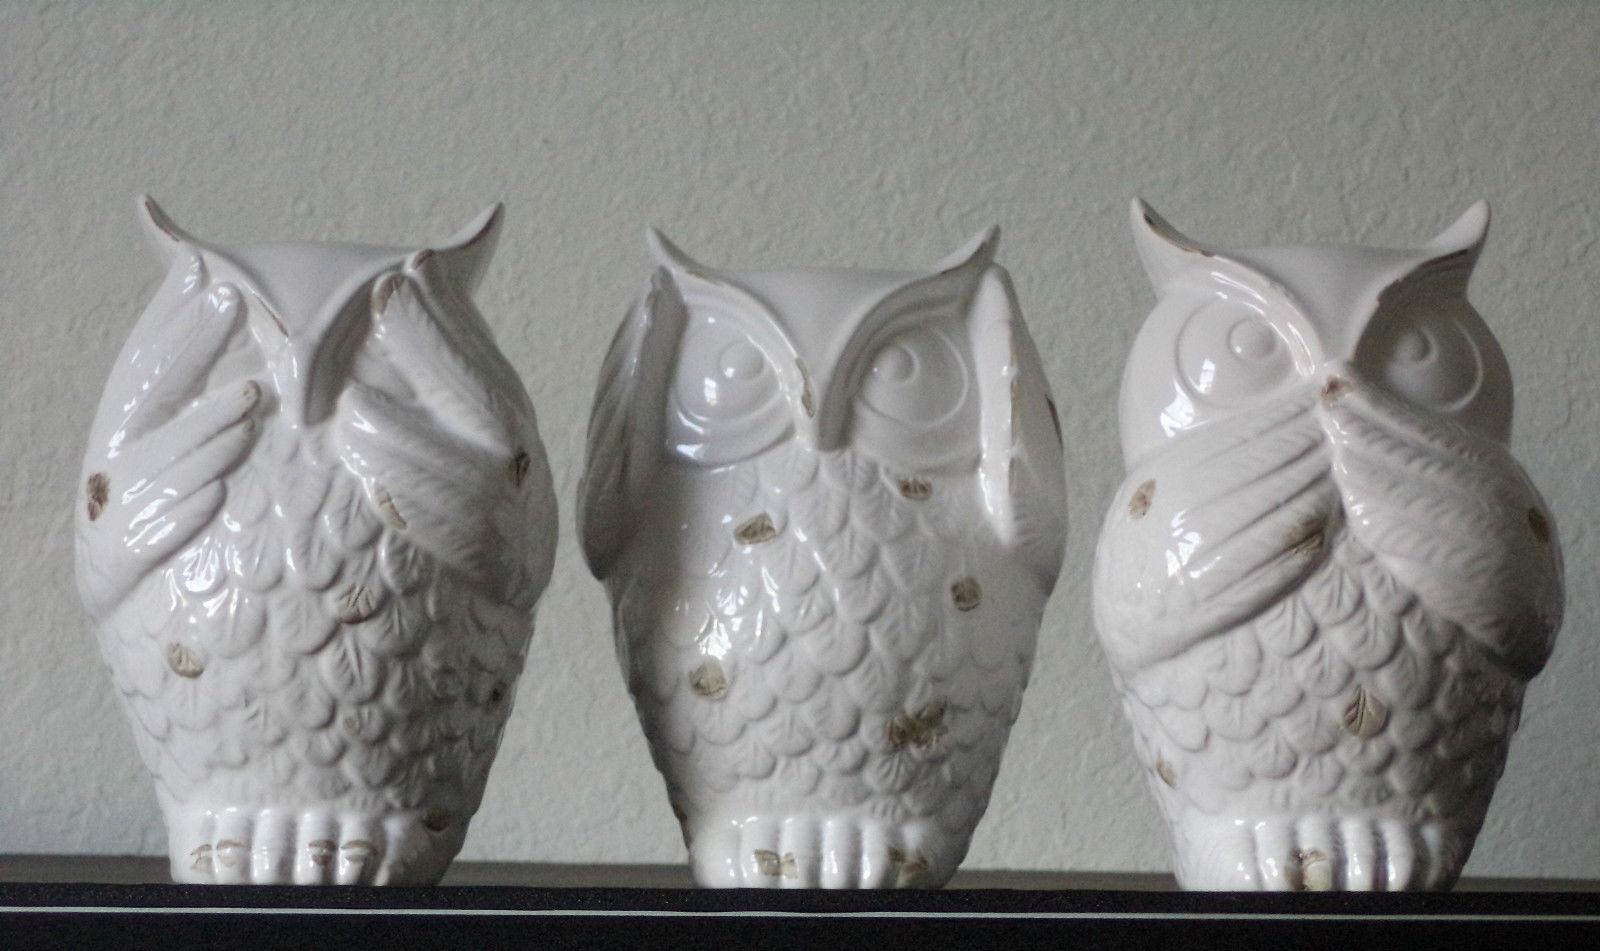 New See Hear Speak No Evil Wise Owl Statutes Bird Ceramic